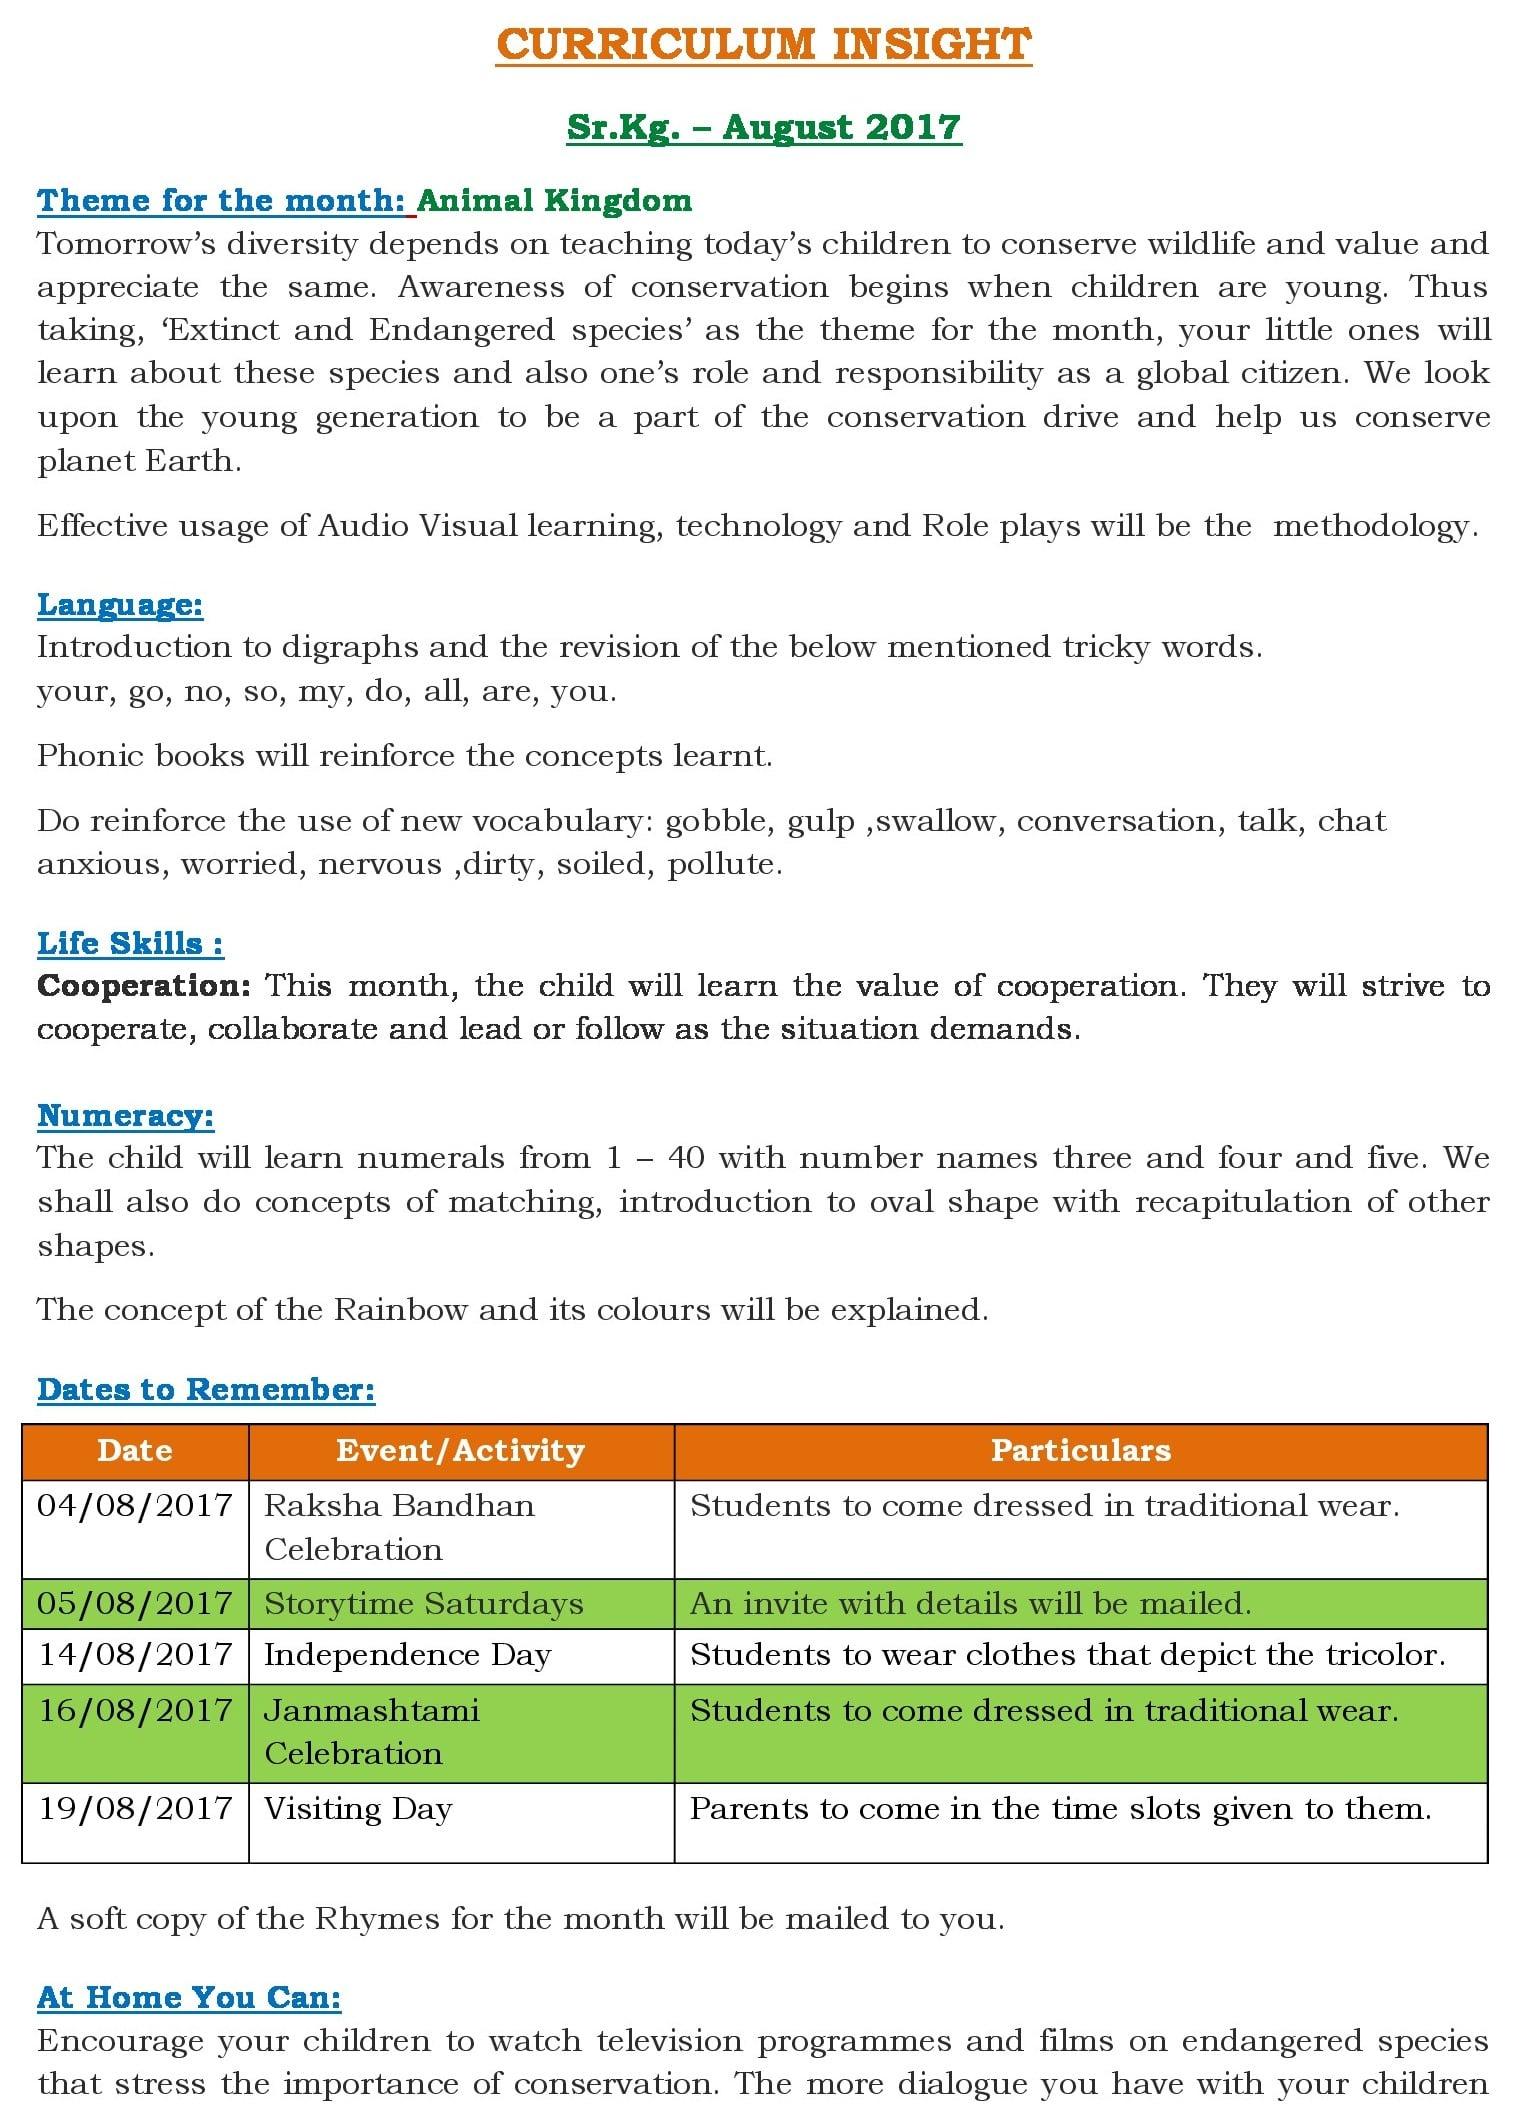 Unit 3 Curriculum Insight